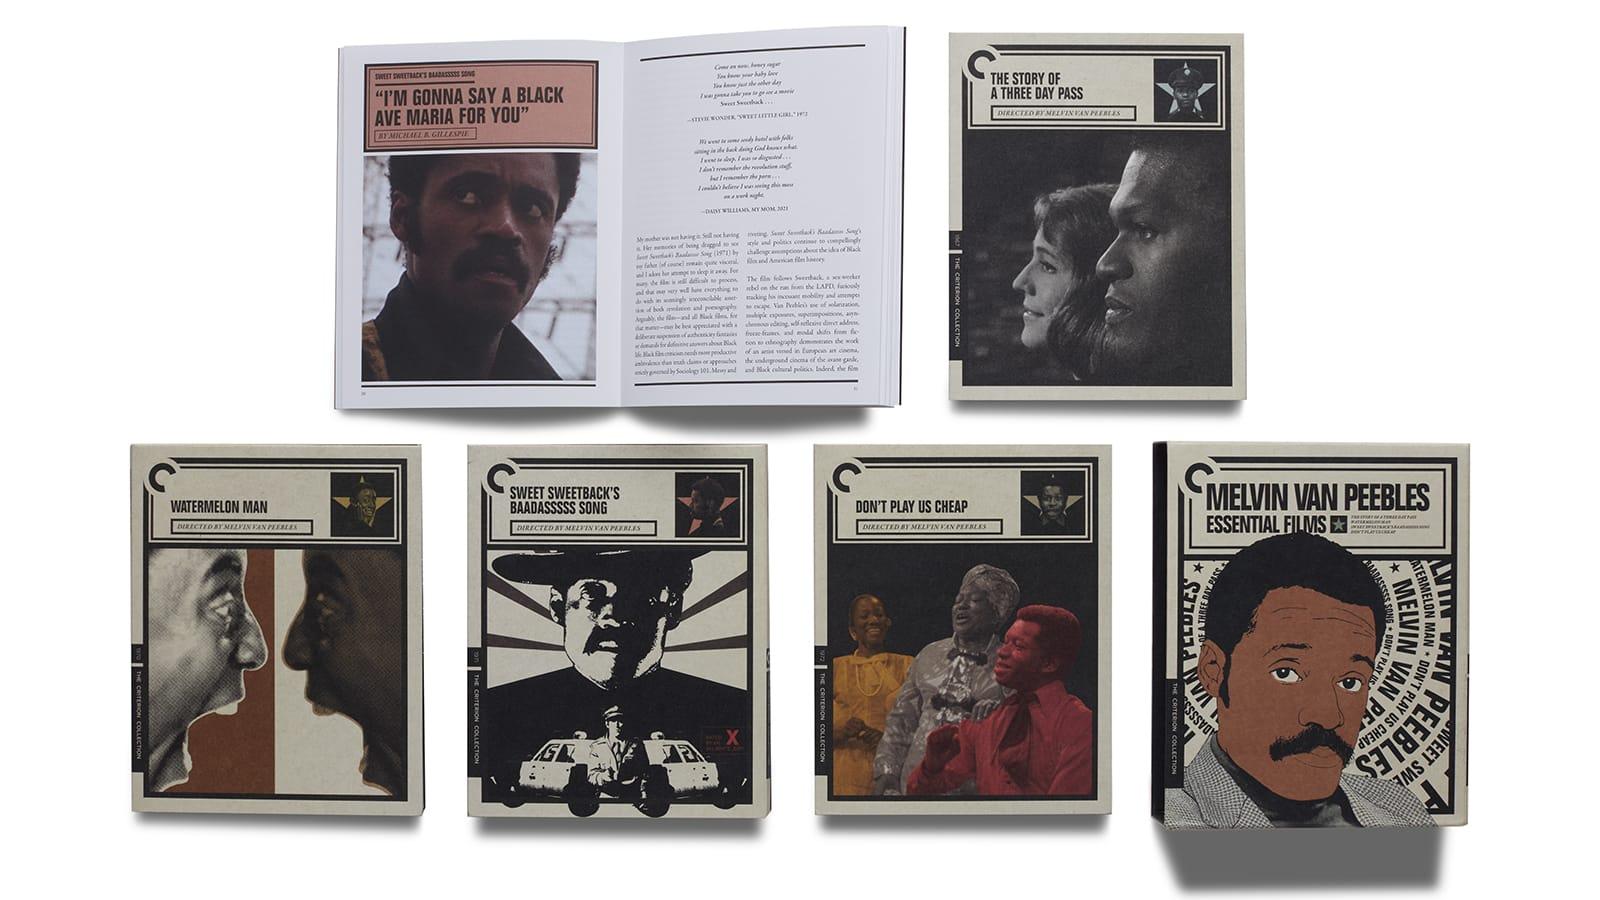 Melvin Van Peebles: Essential Films